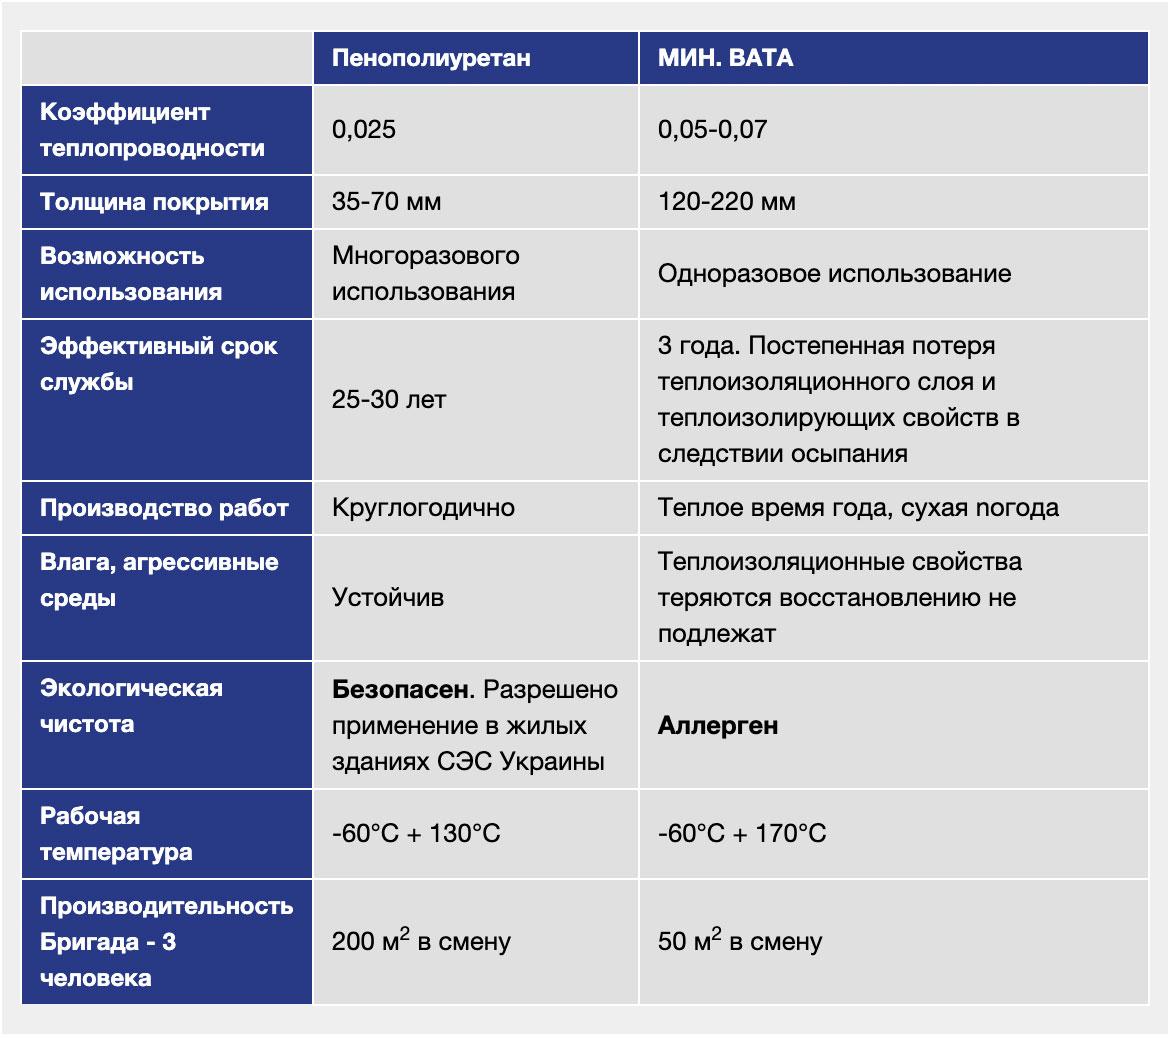 СРАВНИТЕЛЬНЫЙ АНАЛИЗ технико-экономической эффективности при использовании ППУ- изделий и традиционной мин.ваты